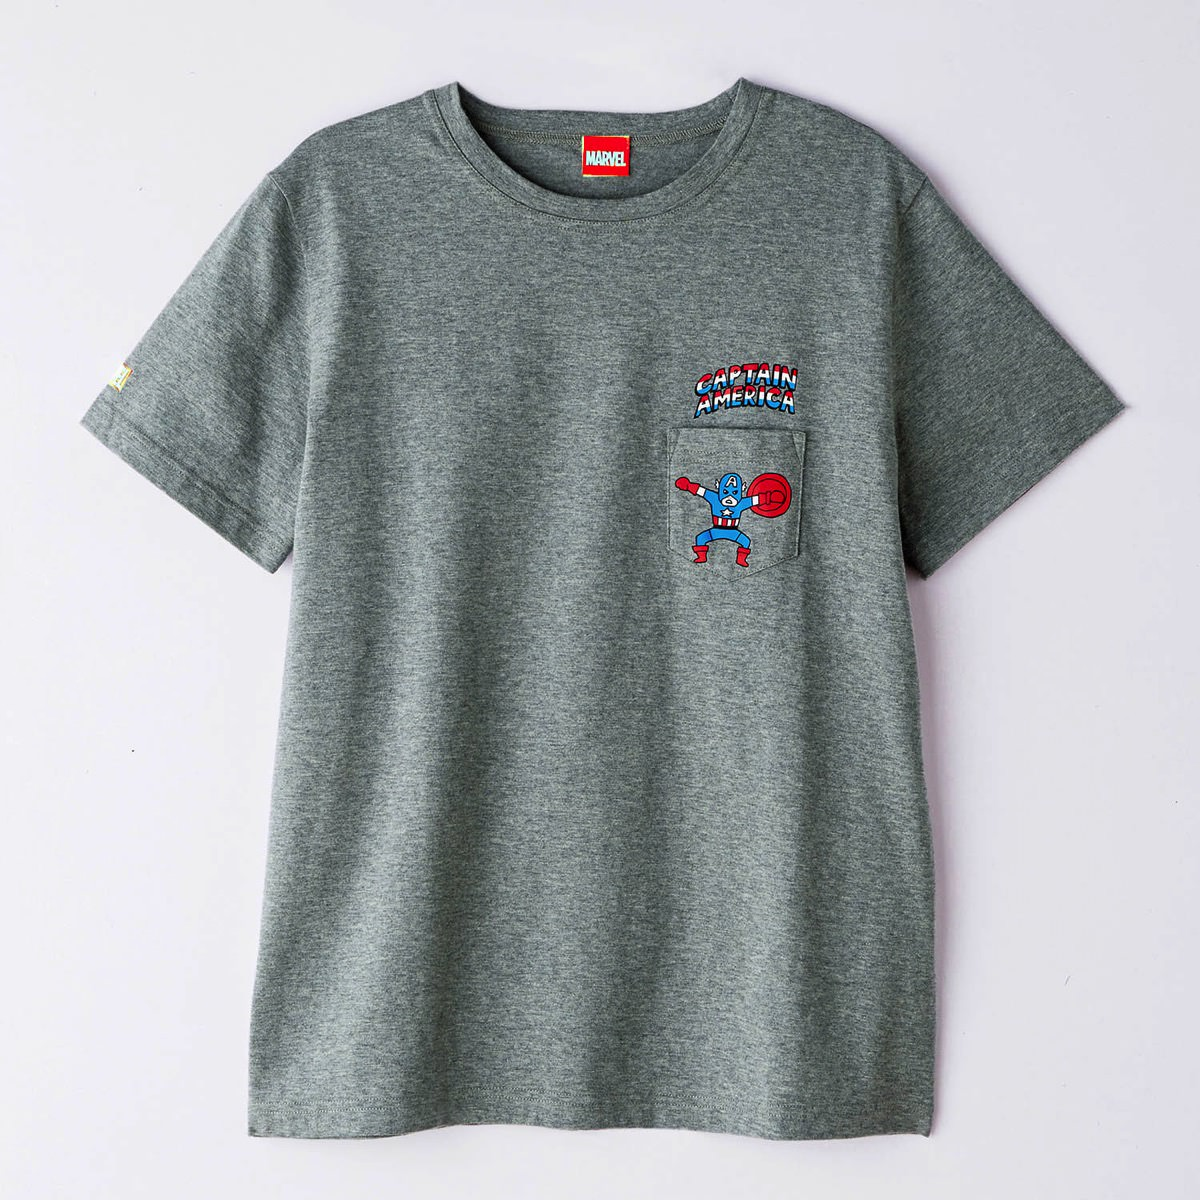 ポケットTシャツ ユニセックス キャプテン アメリカ